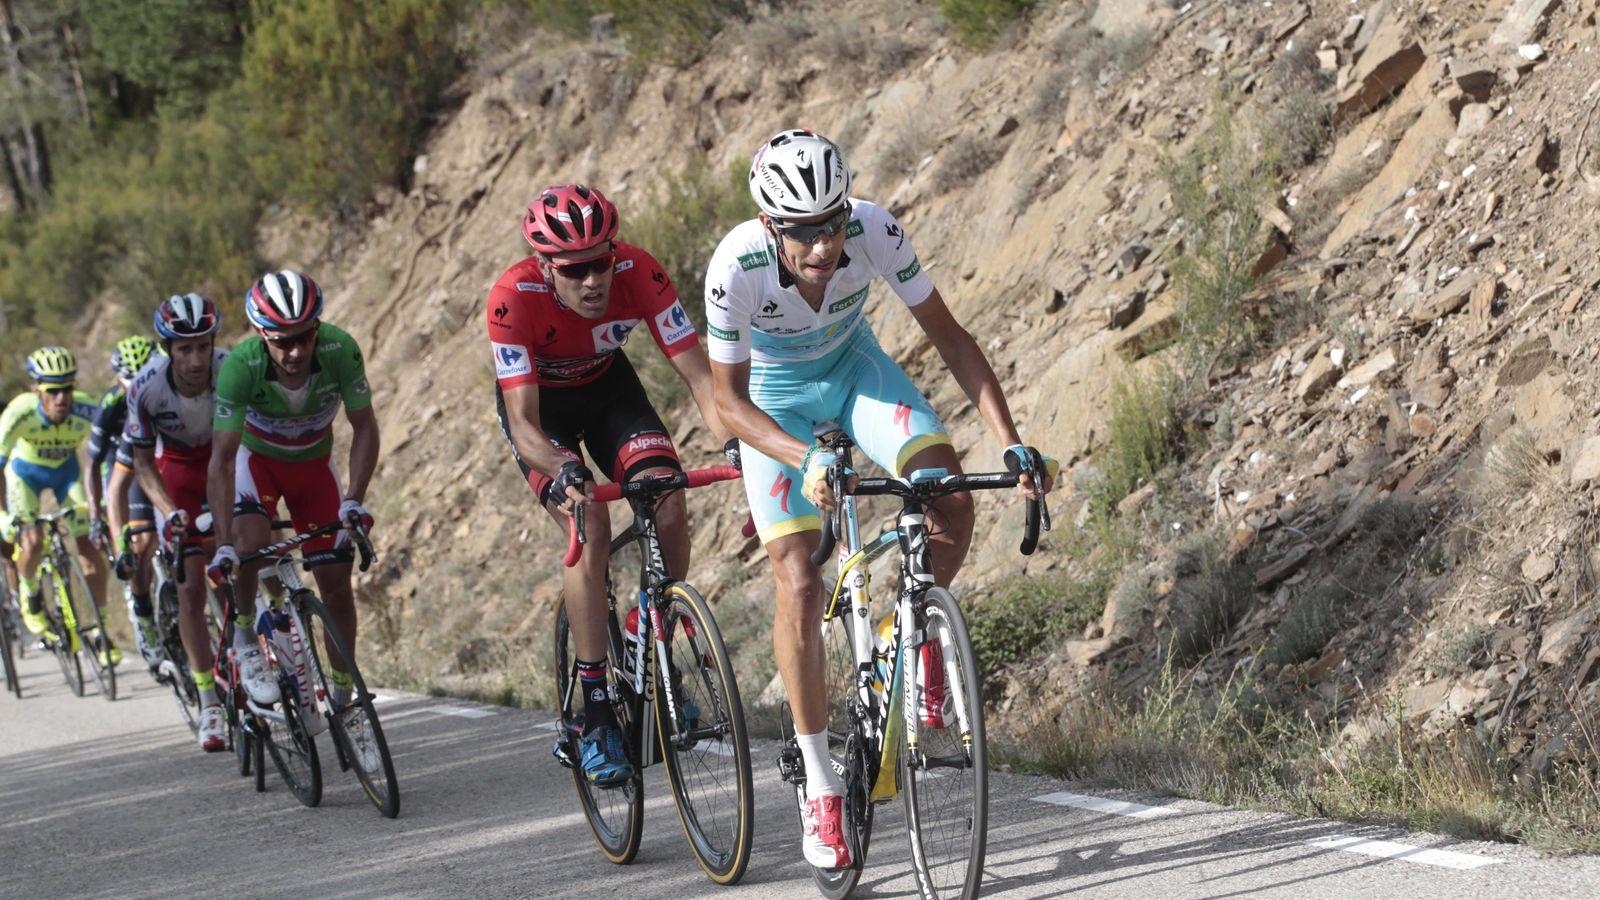 Foto: Aru y Dumoulin, protagonistas del duelo final de la Vuelta.